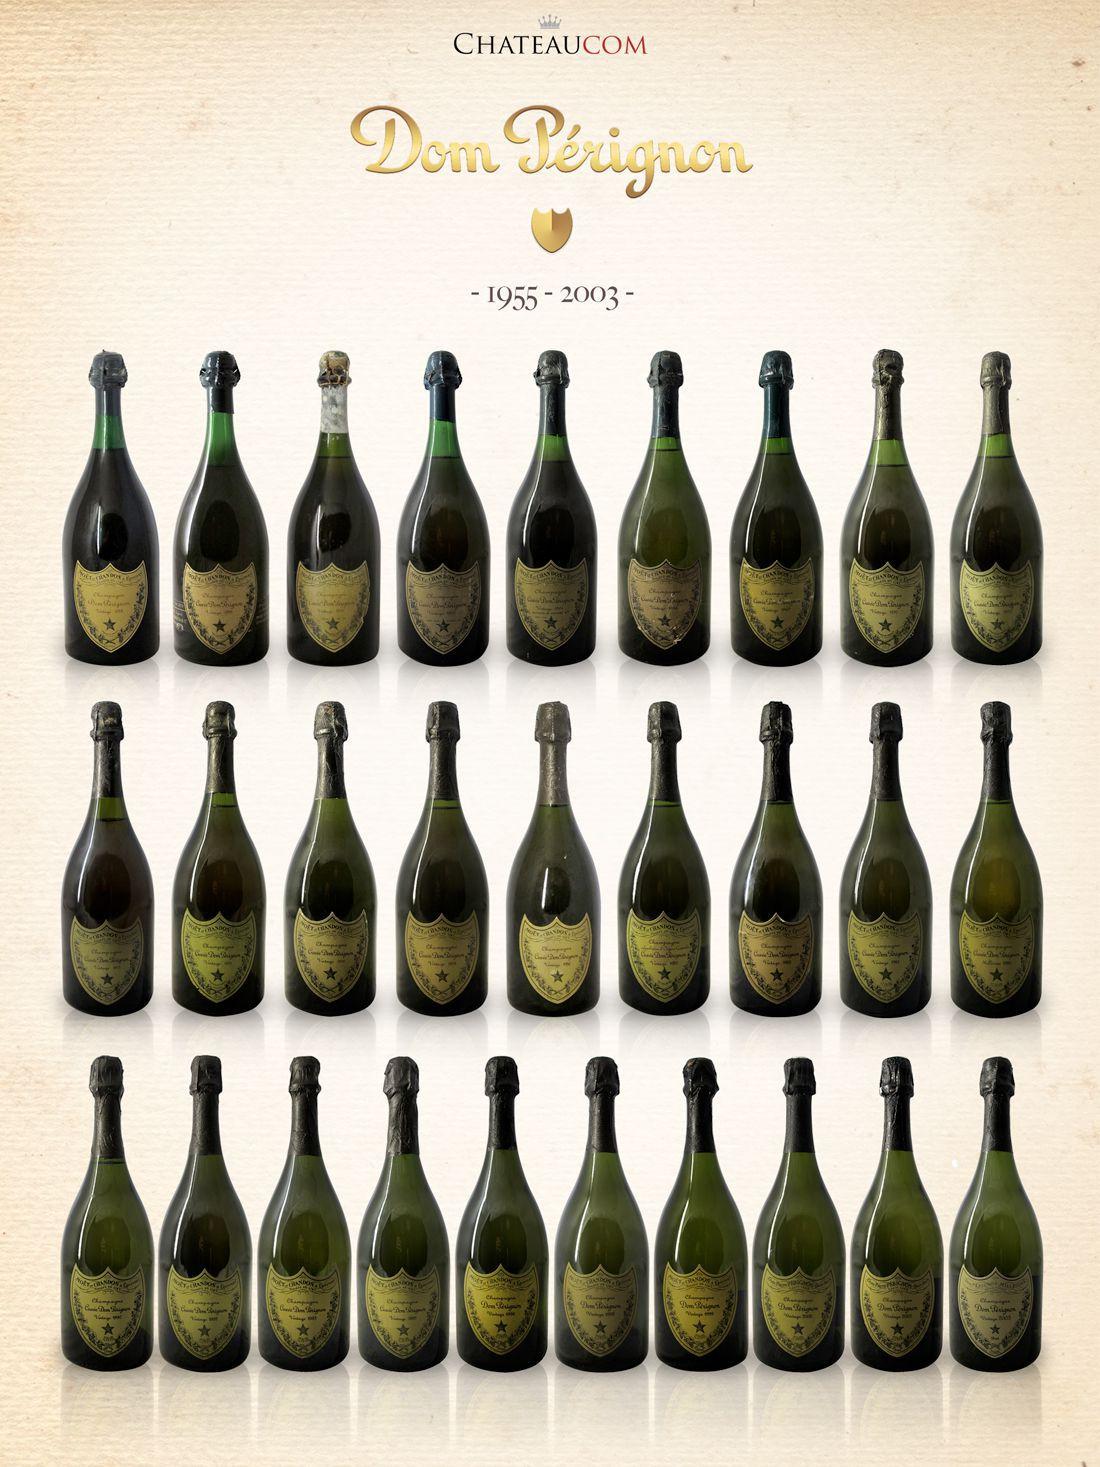 Collection Dom Pérignon 1955-2003